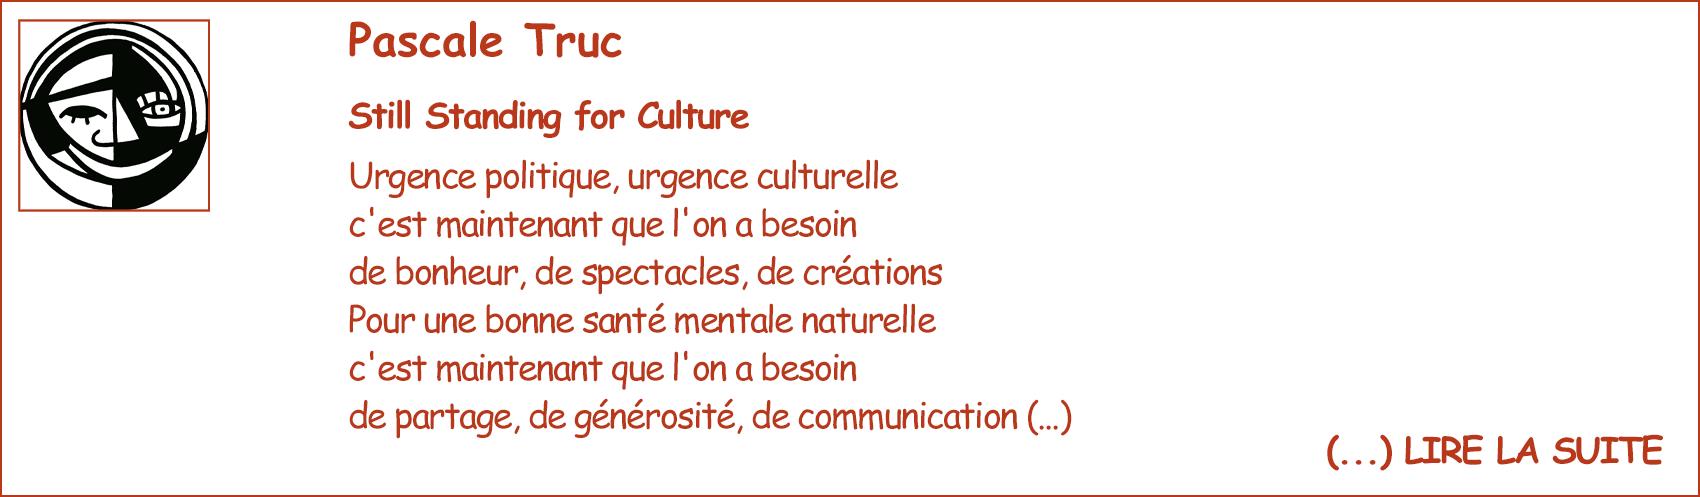 http://slamerie.l.s.f.unblog.fr/files/2021/03/texte-pascale-truc-mars-2021-01.png